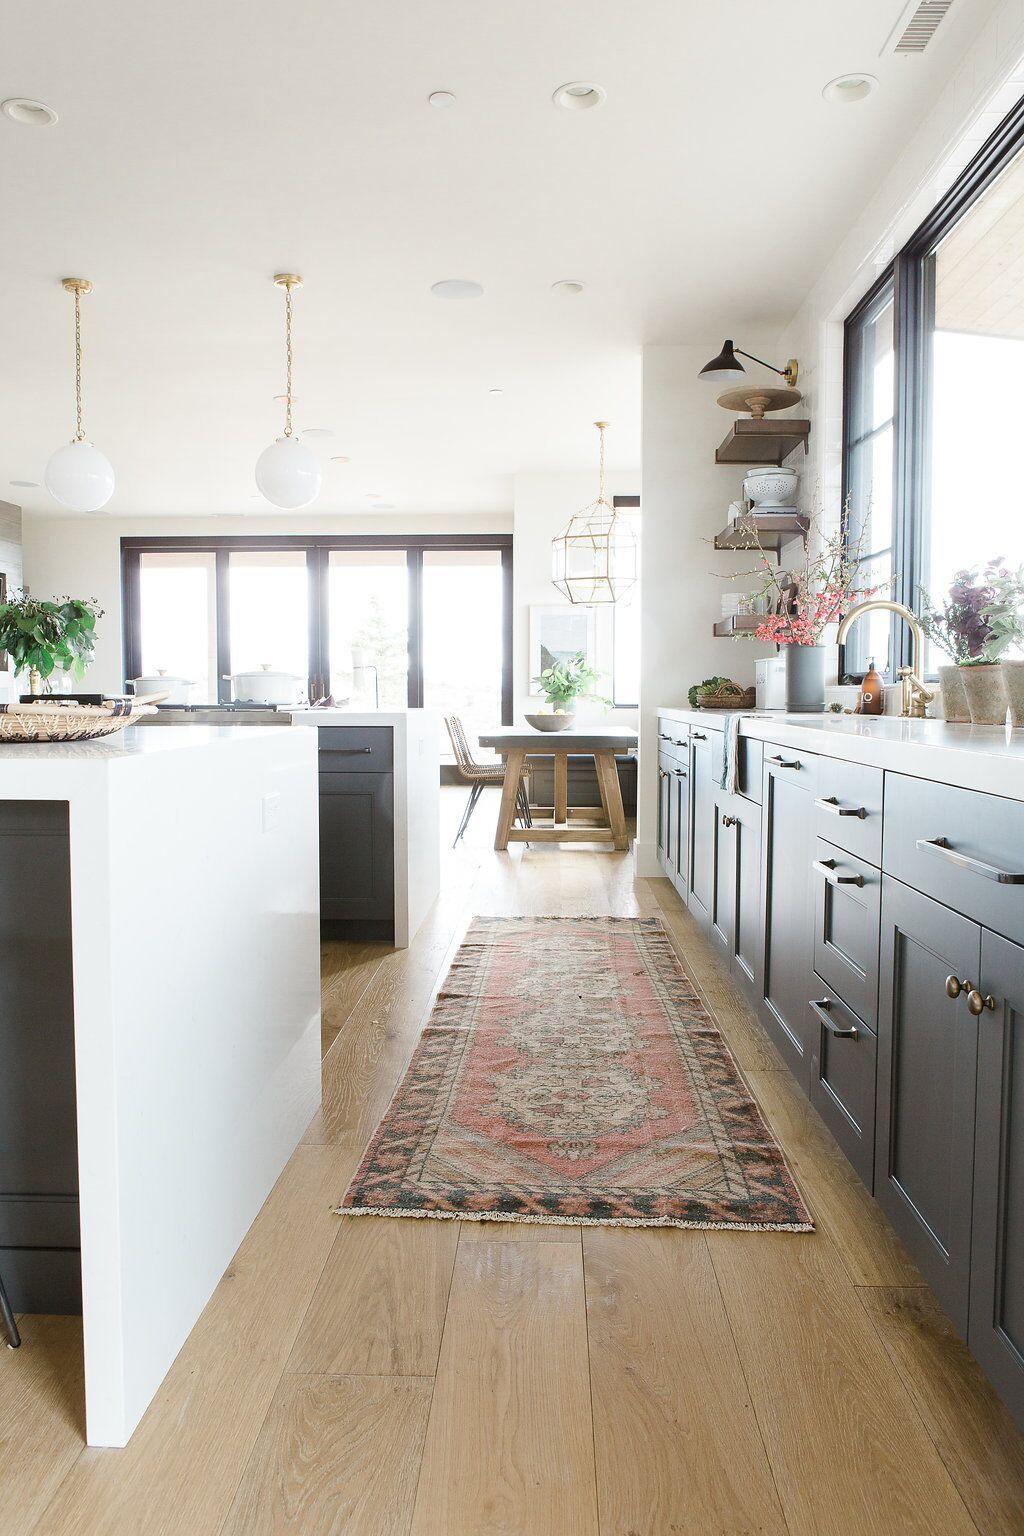 Modern kitchen with deep walnut open shelves